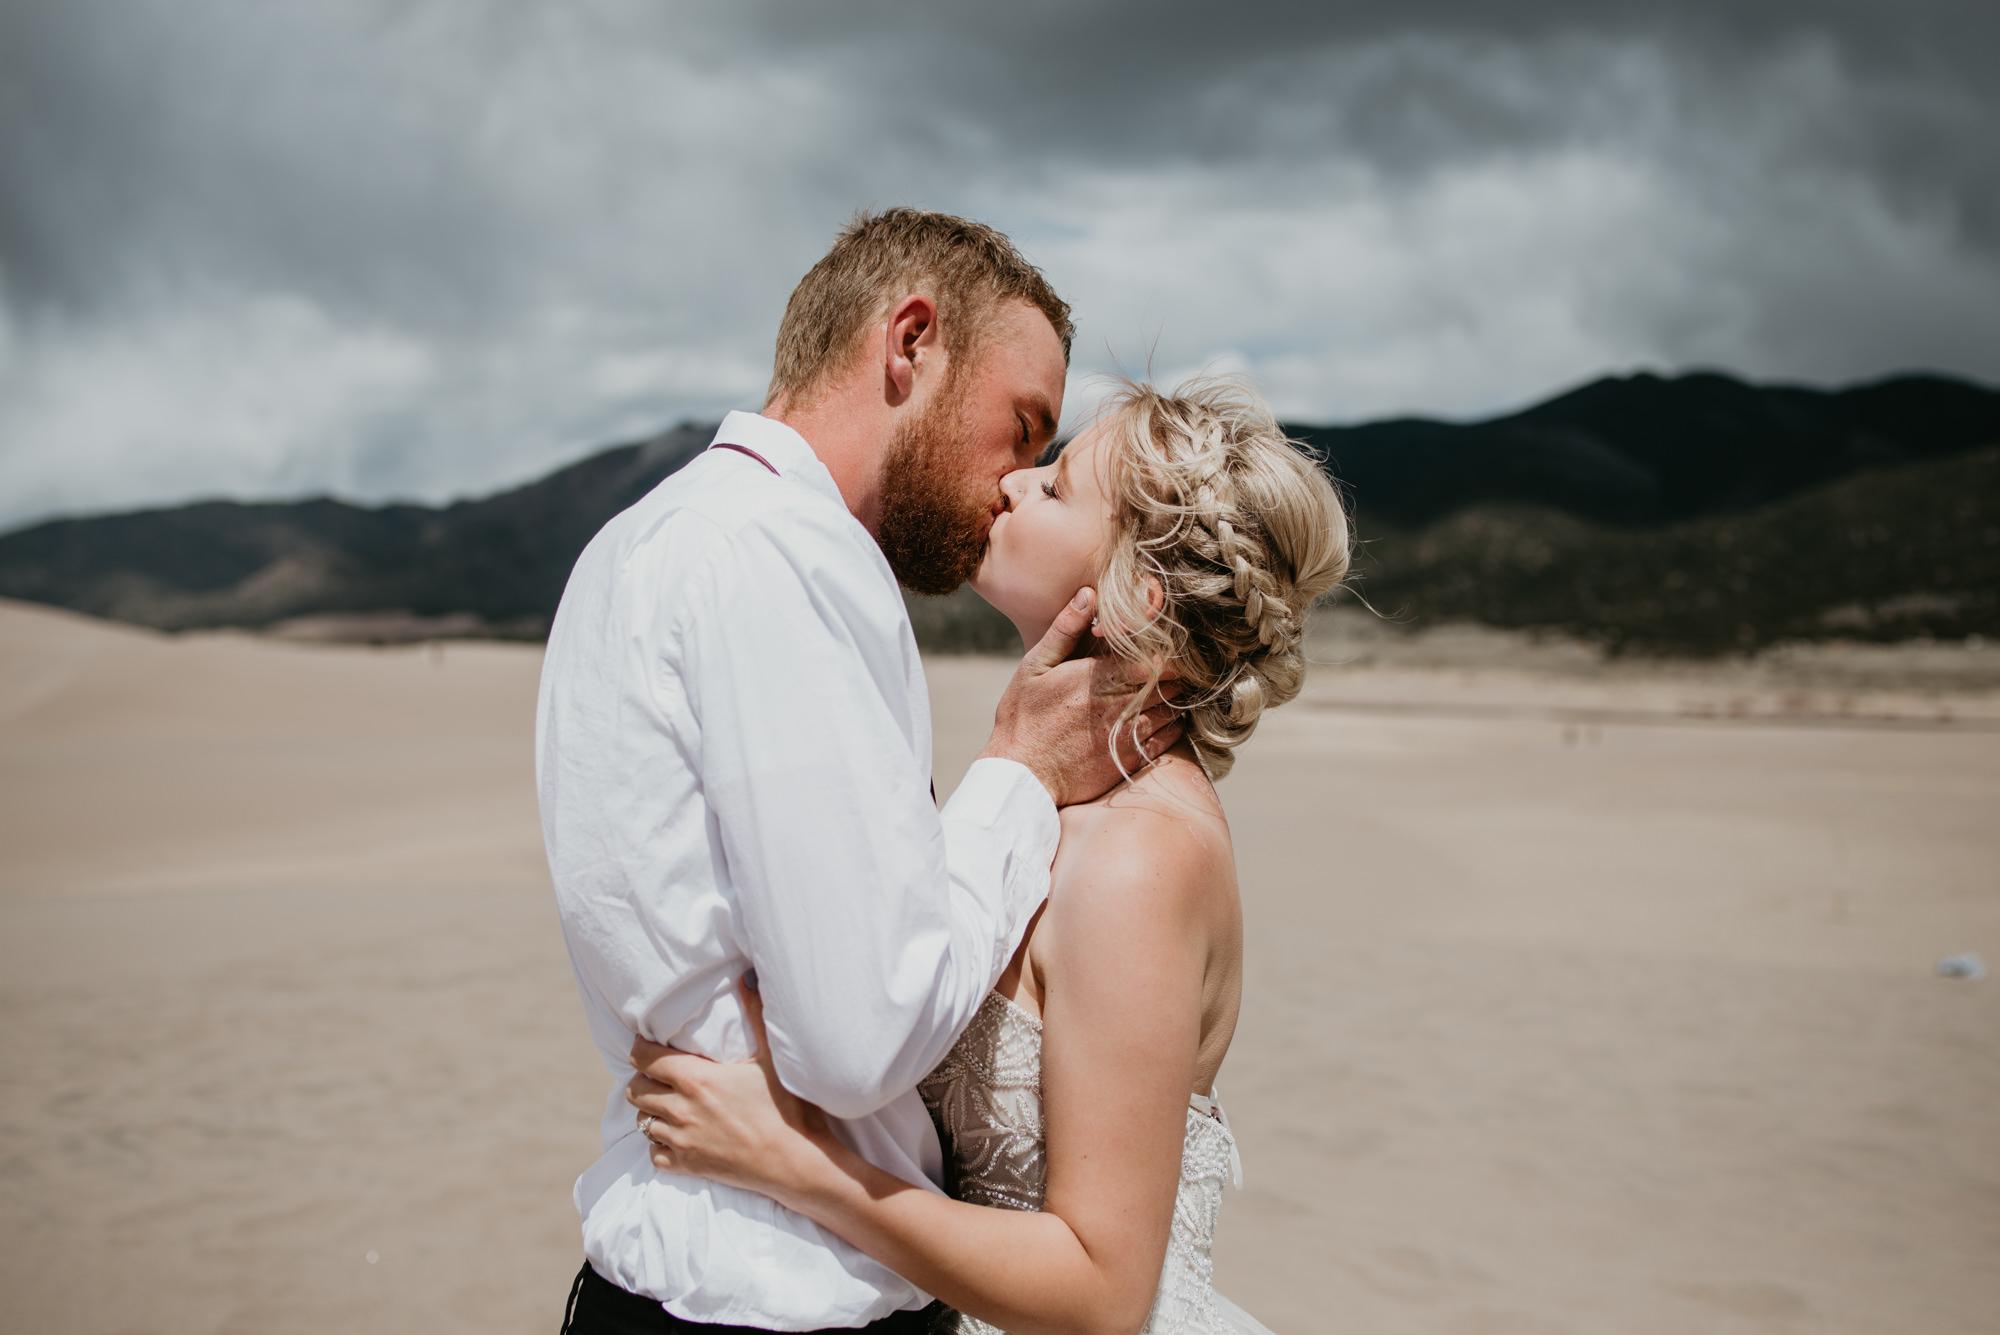 Doug and Kaitlyn's wedding